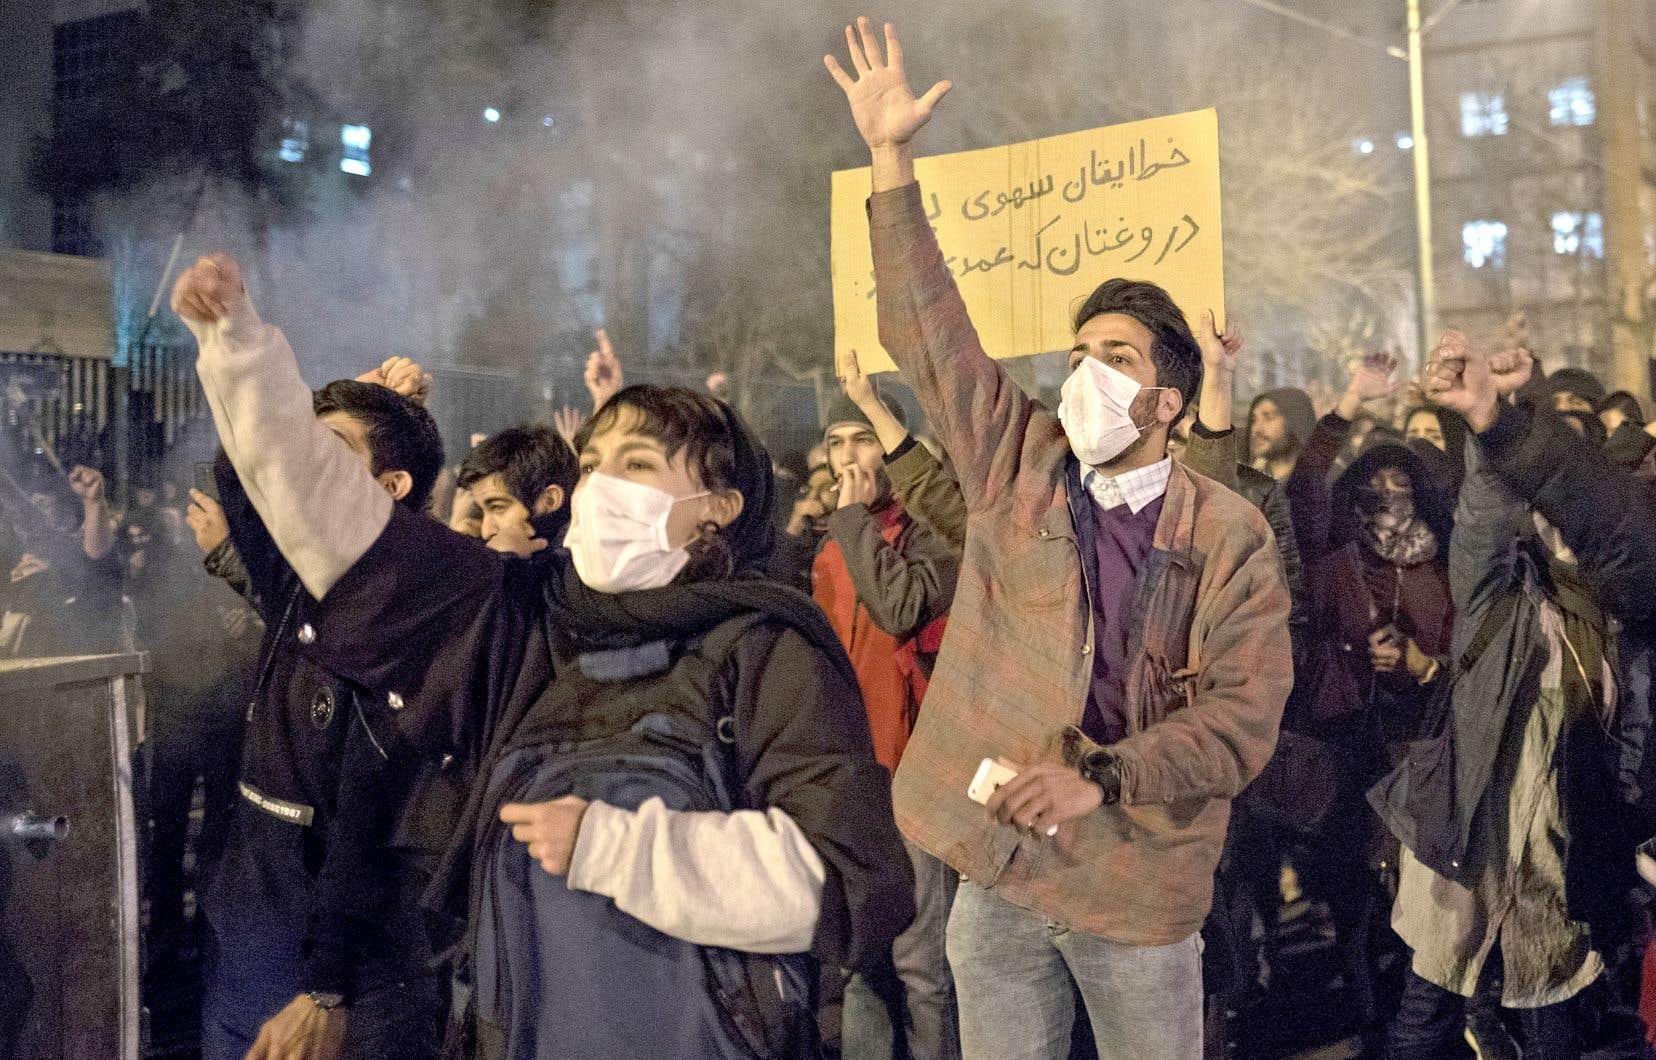 Samedi soir, des manifestants avaient brandi sous le nez des forces de l'ordre des banderoles sur lesquelles on pouvait lire: «Votre erreur était non voulue, mais votre mensonge était intentionnel».